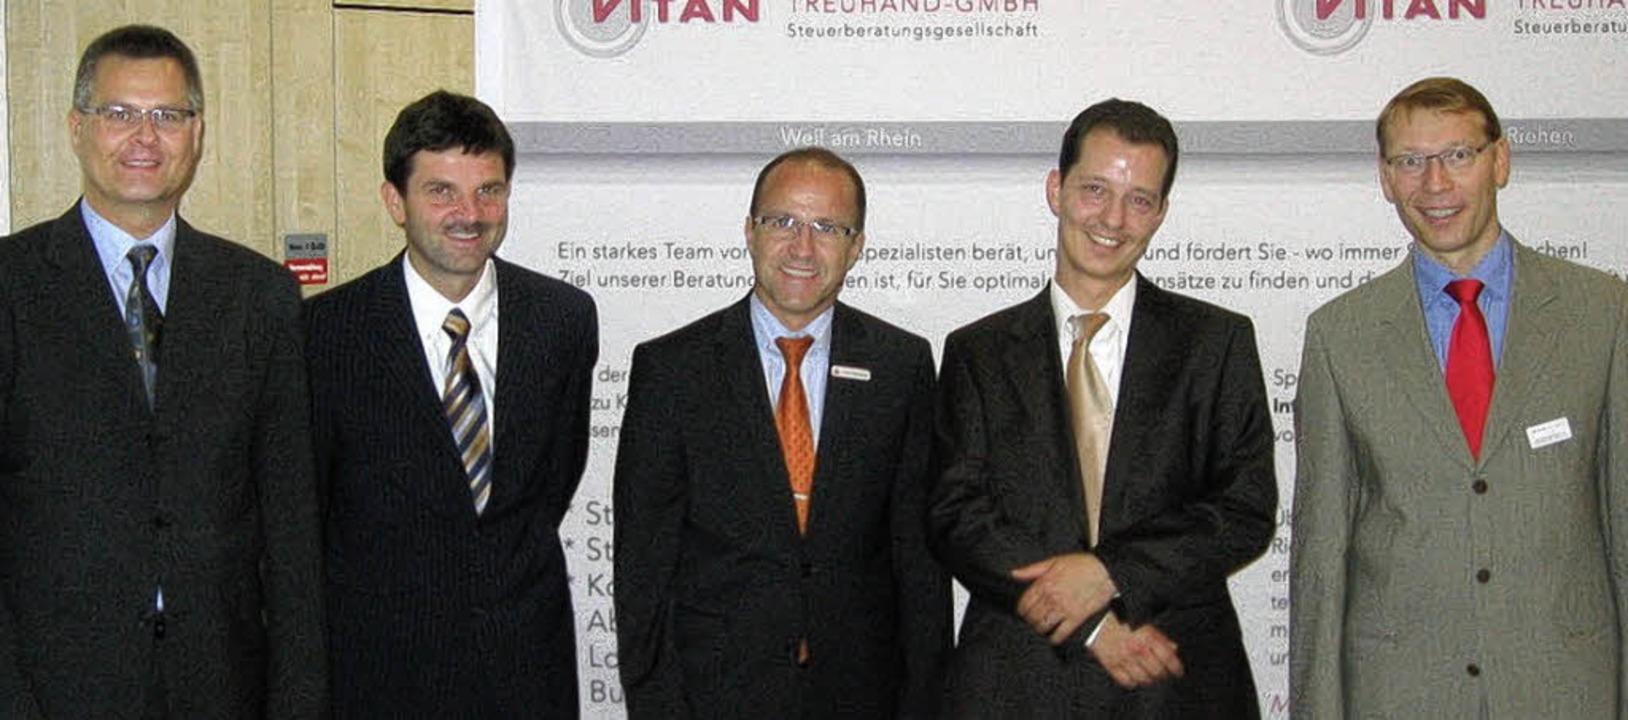 Referenten und Gastgeber beim Info-Abe...llegen) und Jürgen Brombacher (Vitan)   | Foto: WWT